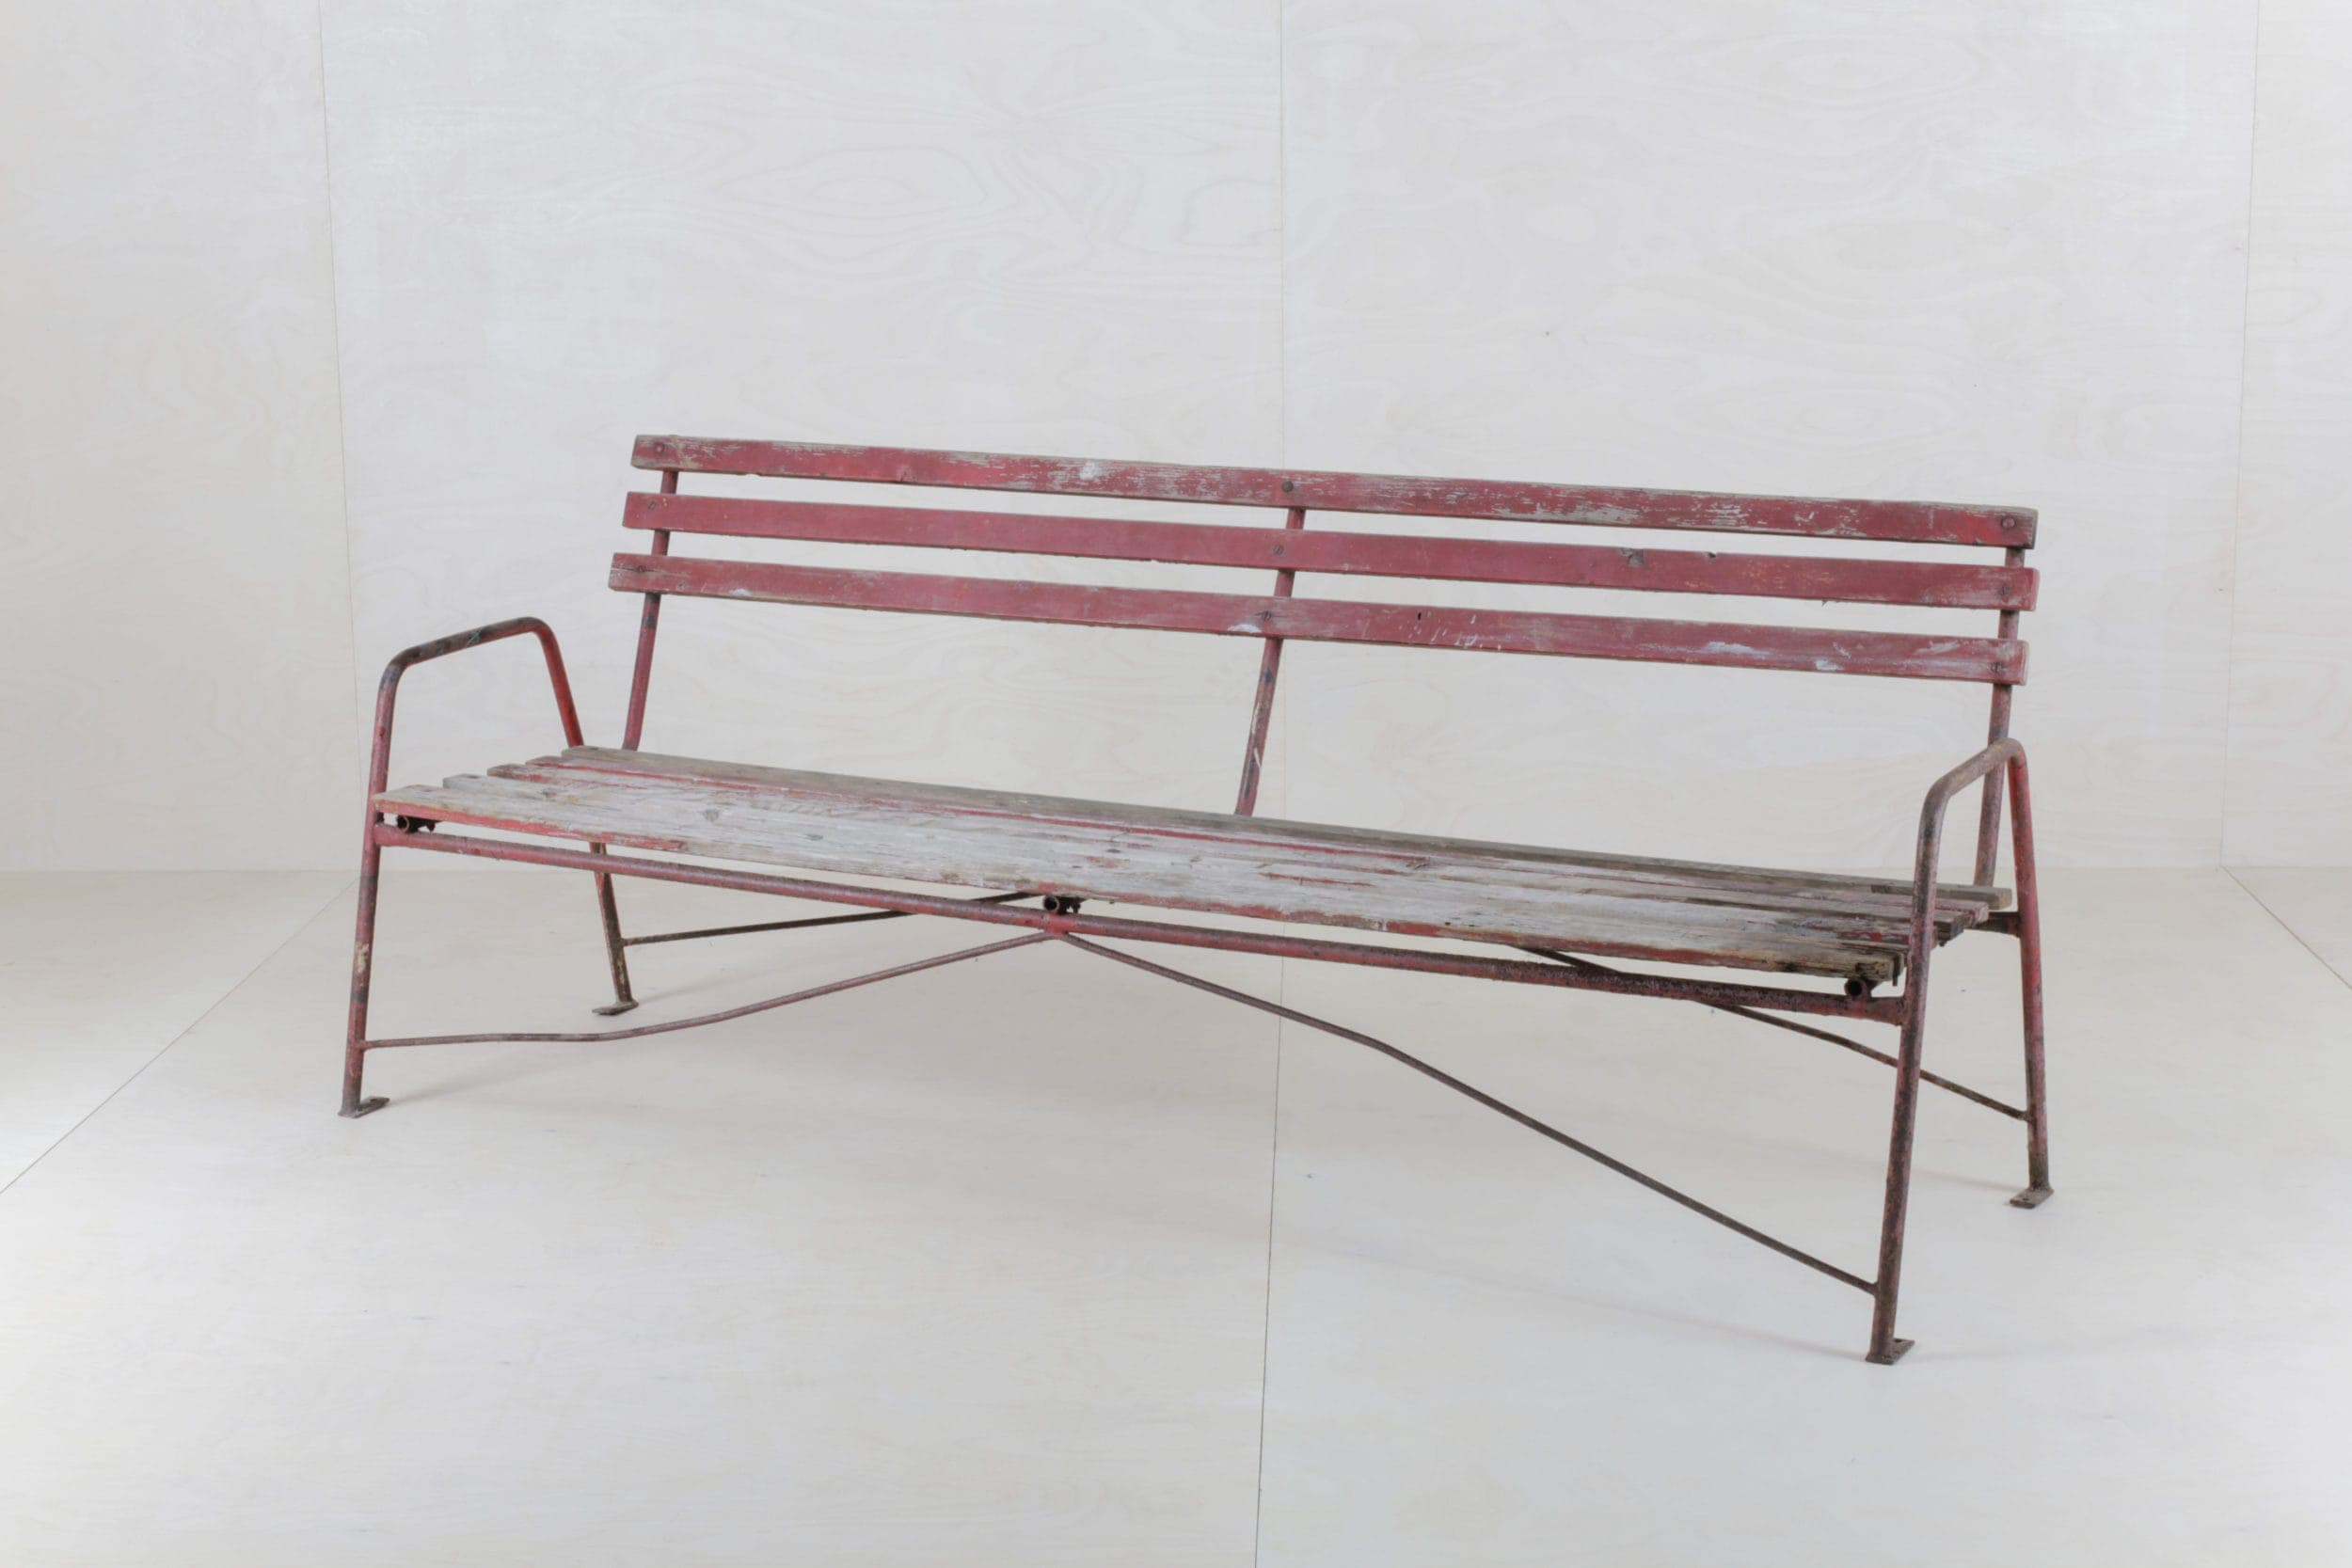 Rote Gartenbank aus Holz im vintage Stil zu mieten